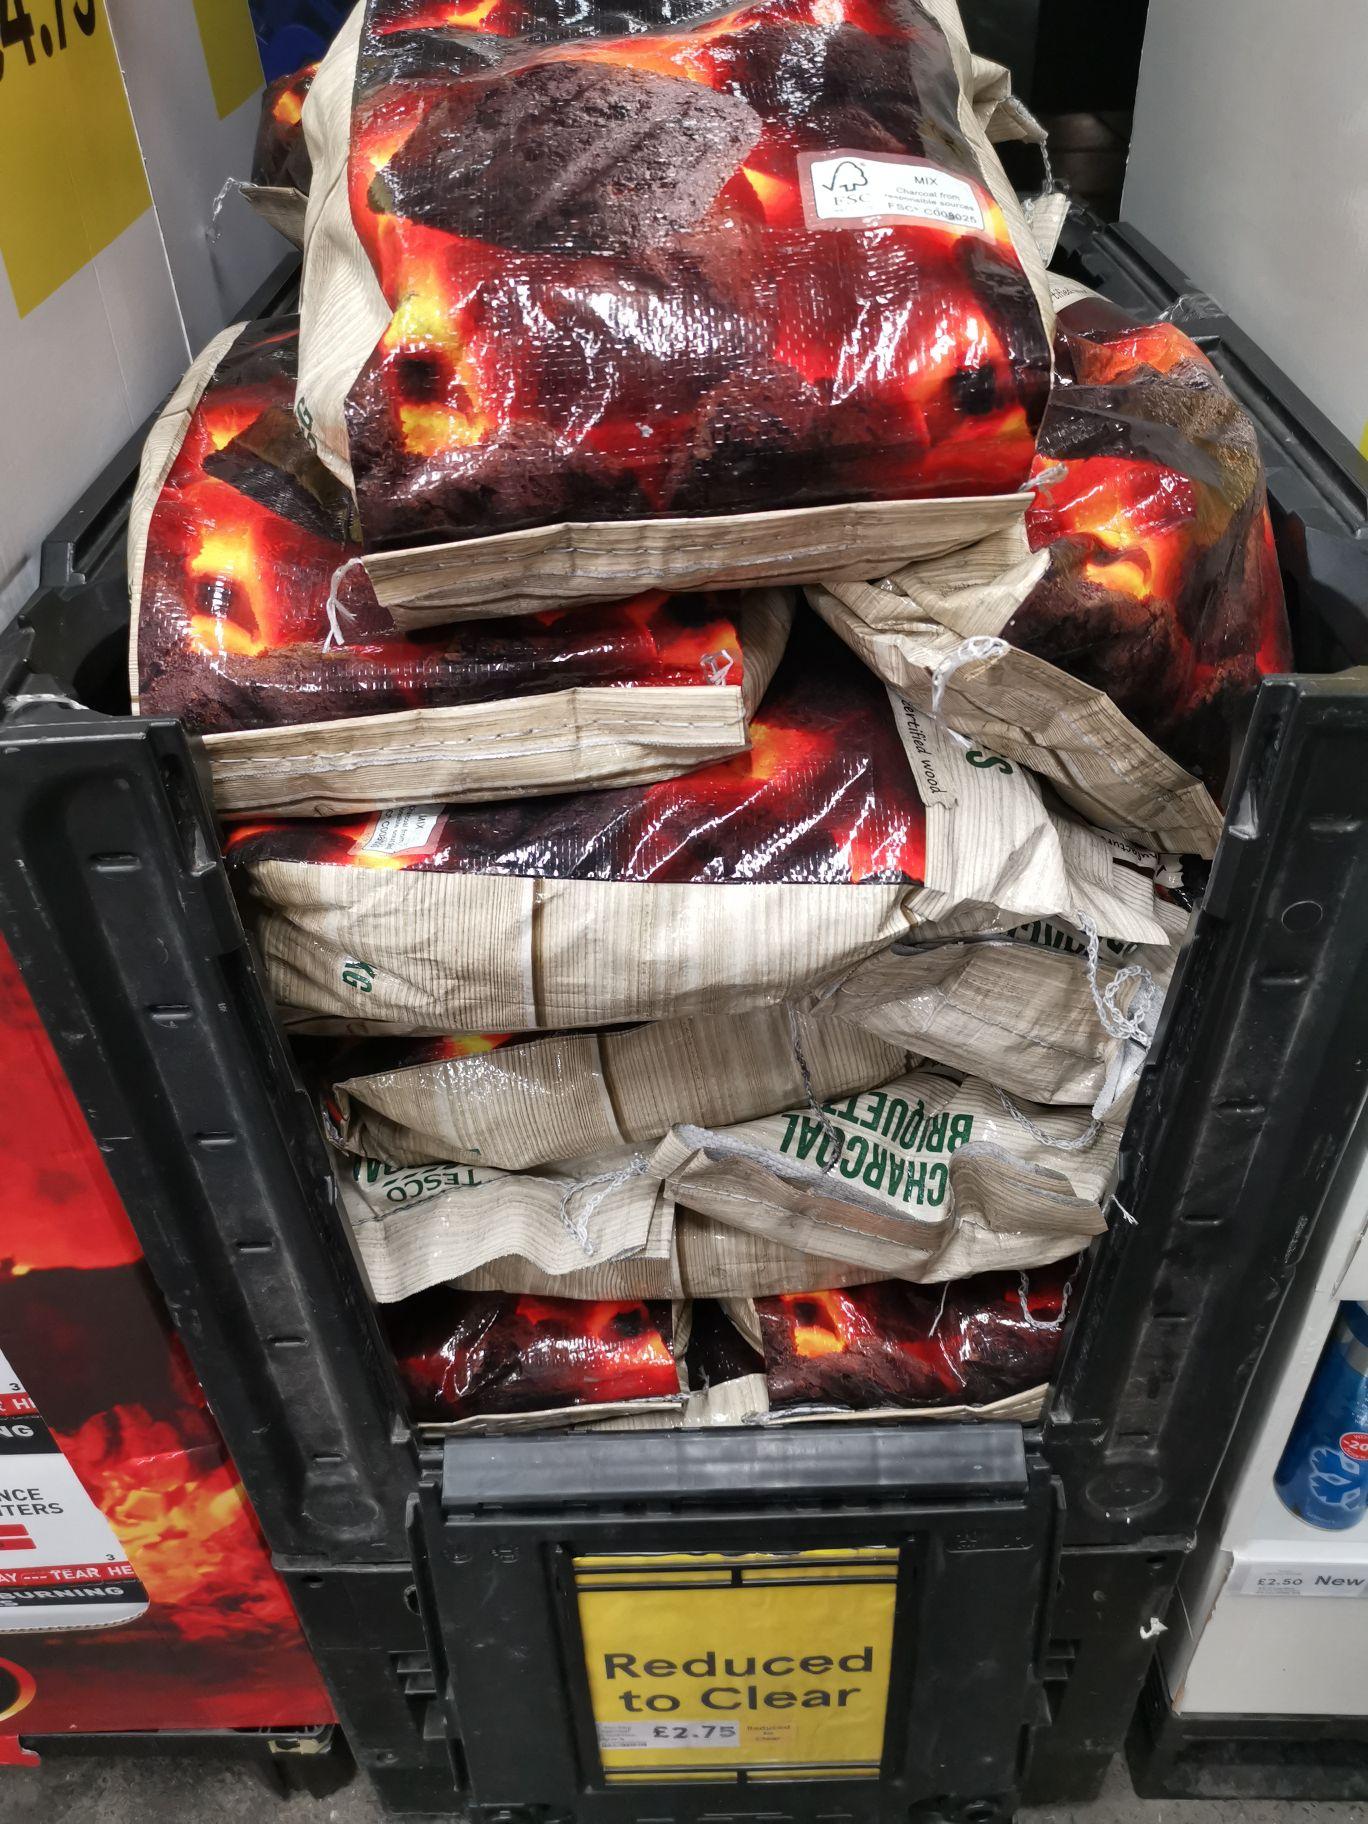 Tesco charcoal briquette £2.75